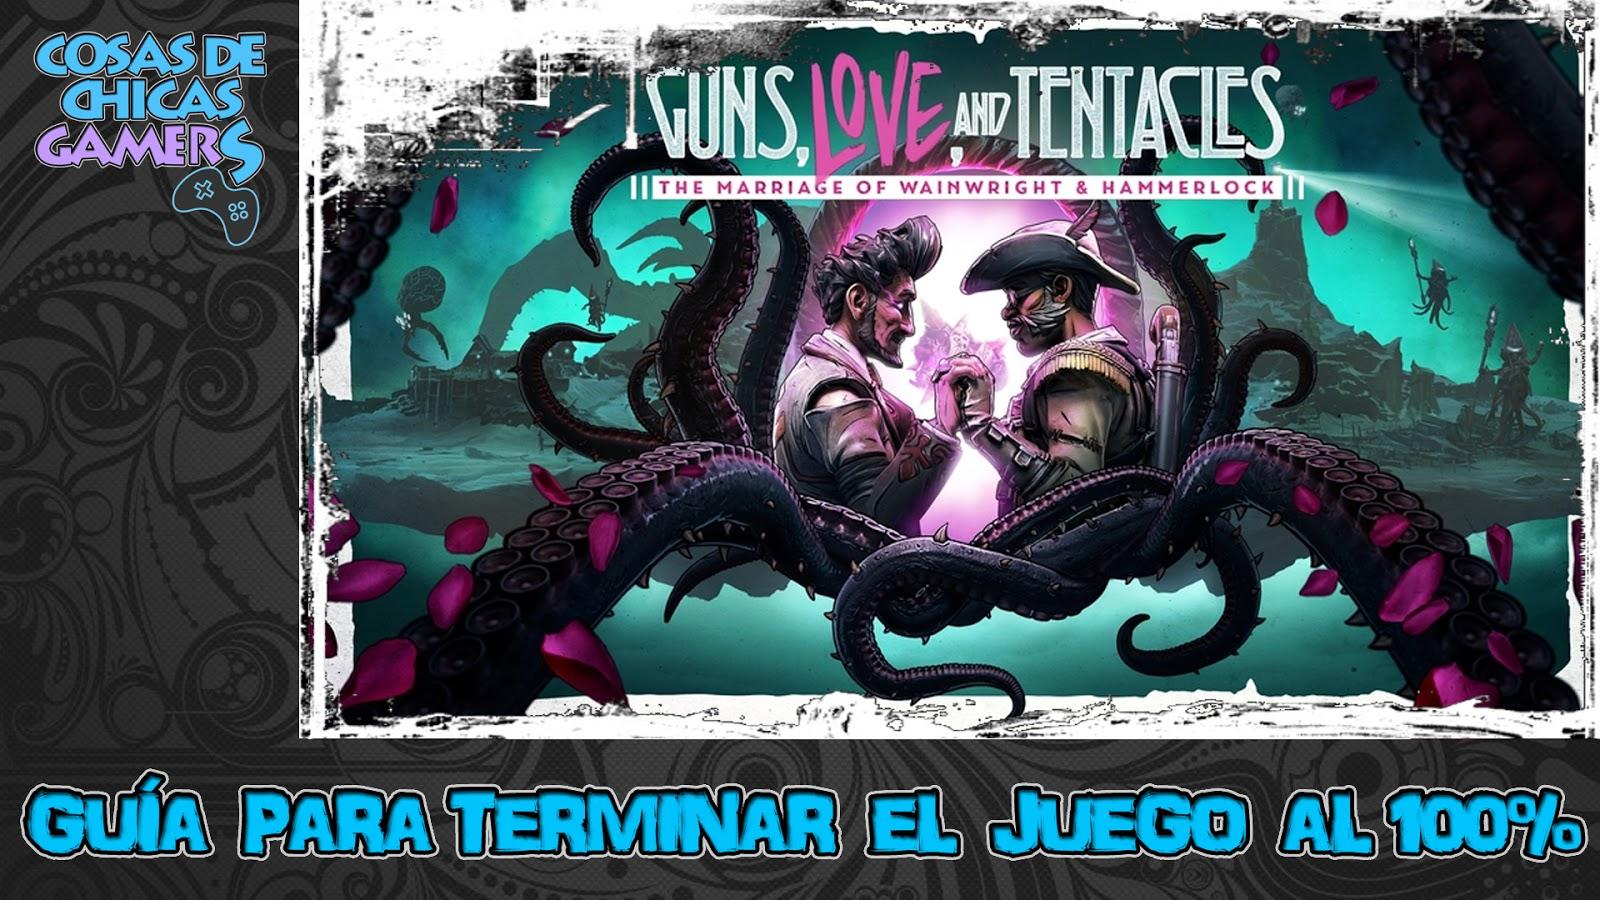 DLC BORDERLANDS 3: ARMAS, AMOR Y TENTÁCULOS - GUÍA PARA COMPLETAR EL JUEGO AL 100%